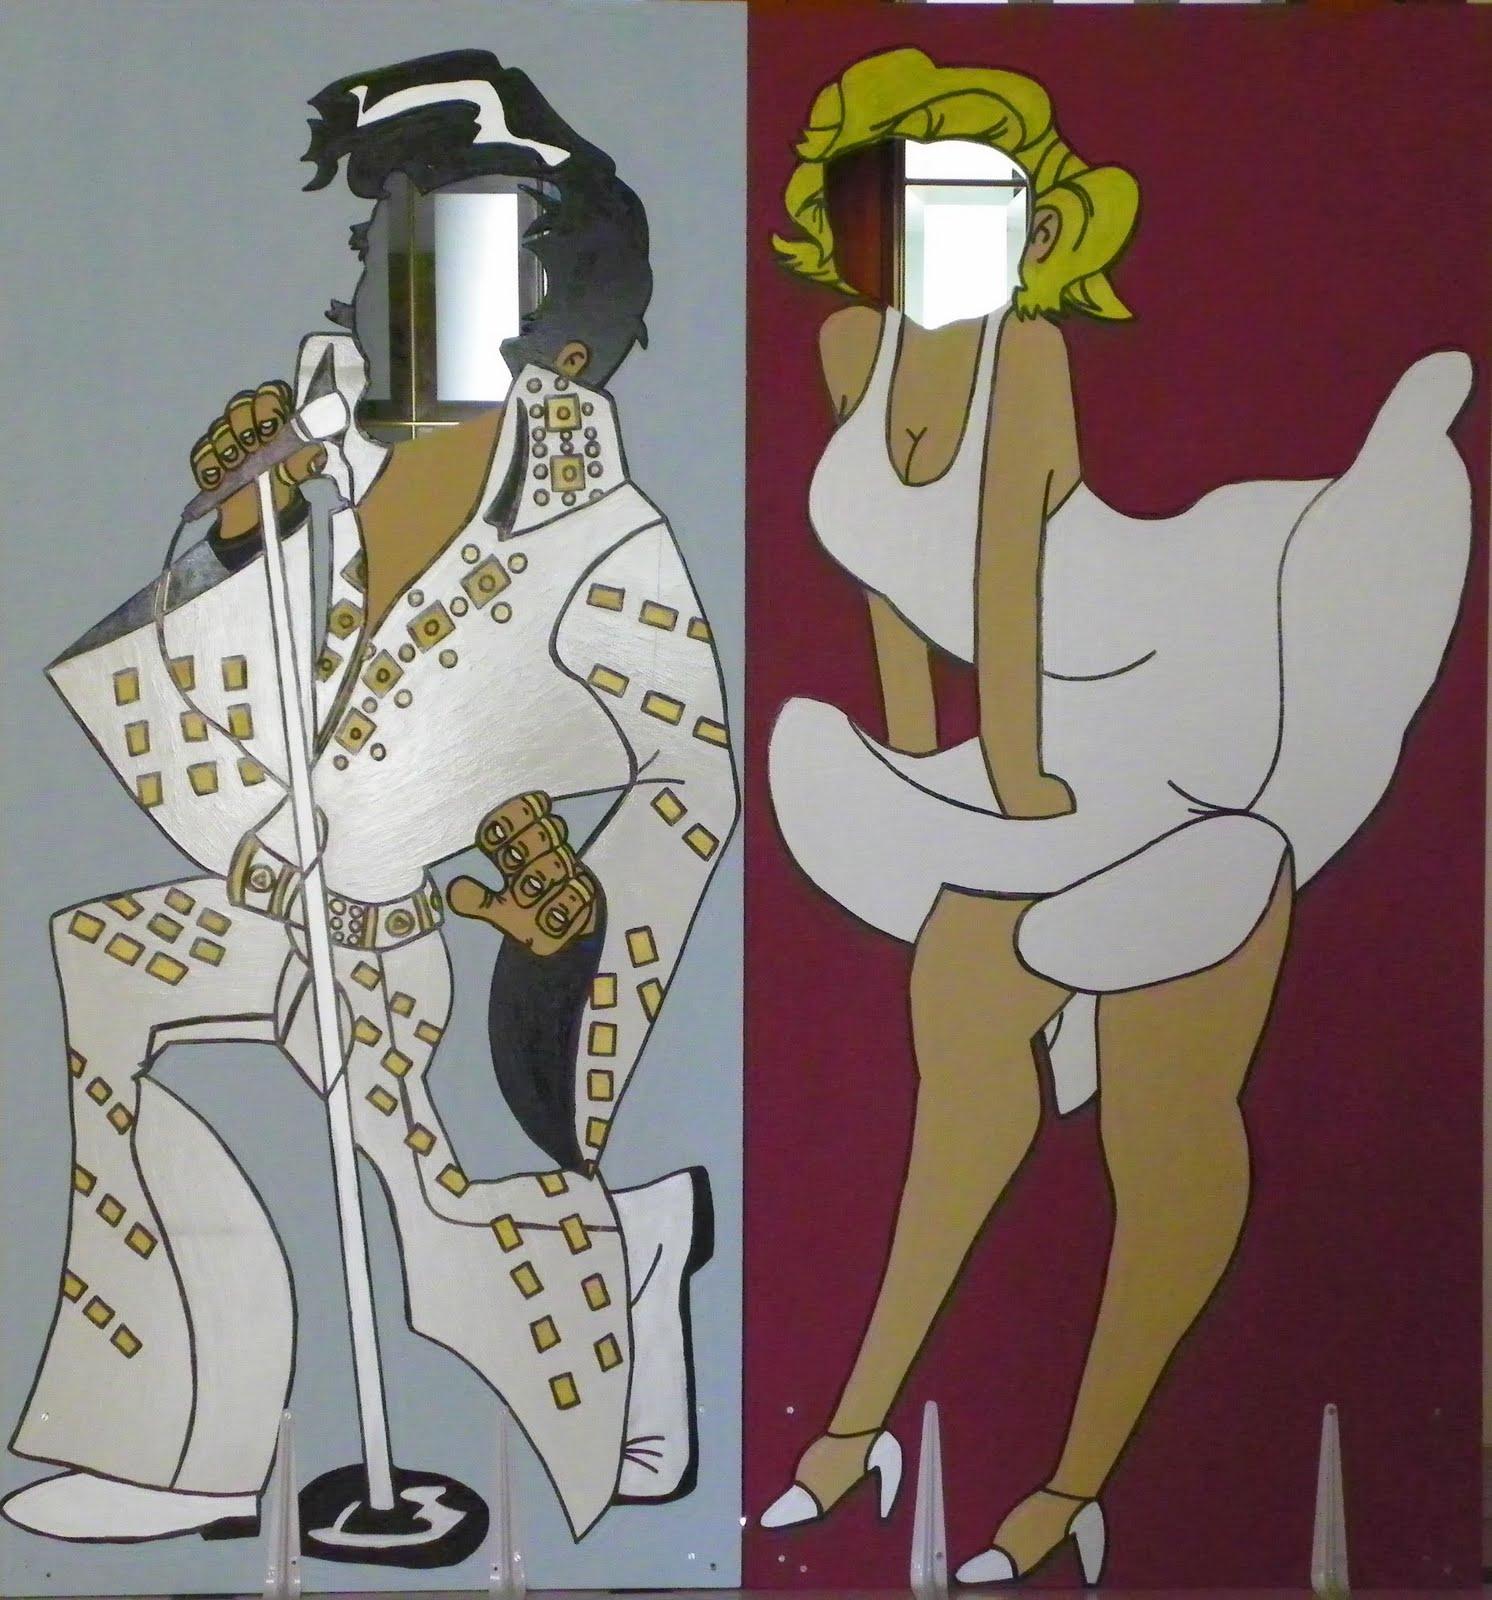 Photocall para bodas y fiestas tu boda de ensue o - Fotocol de bodas ...